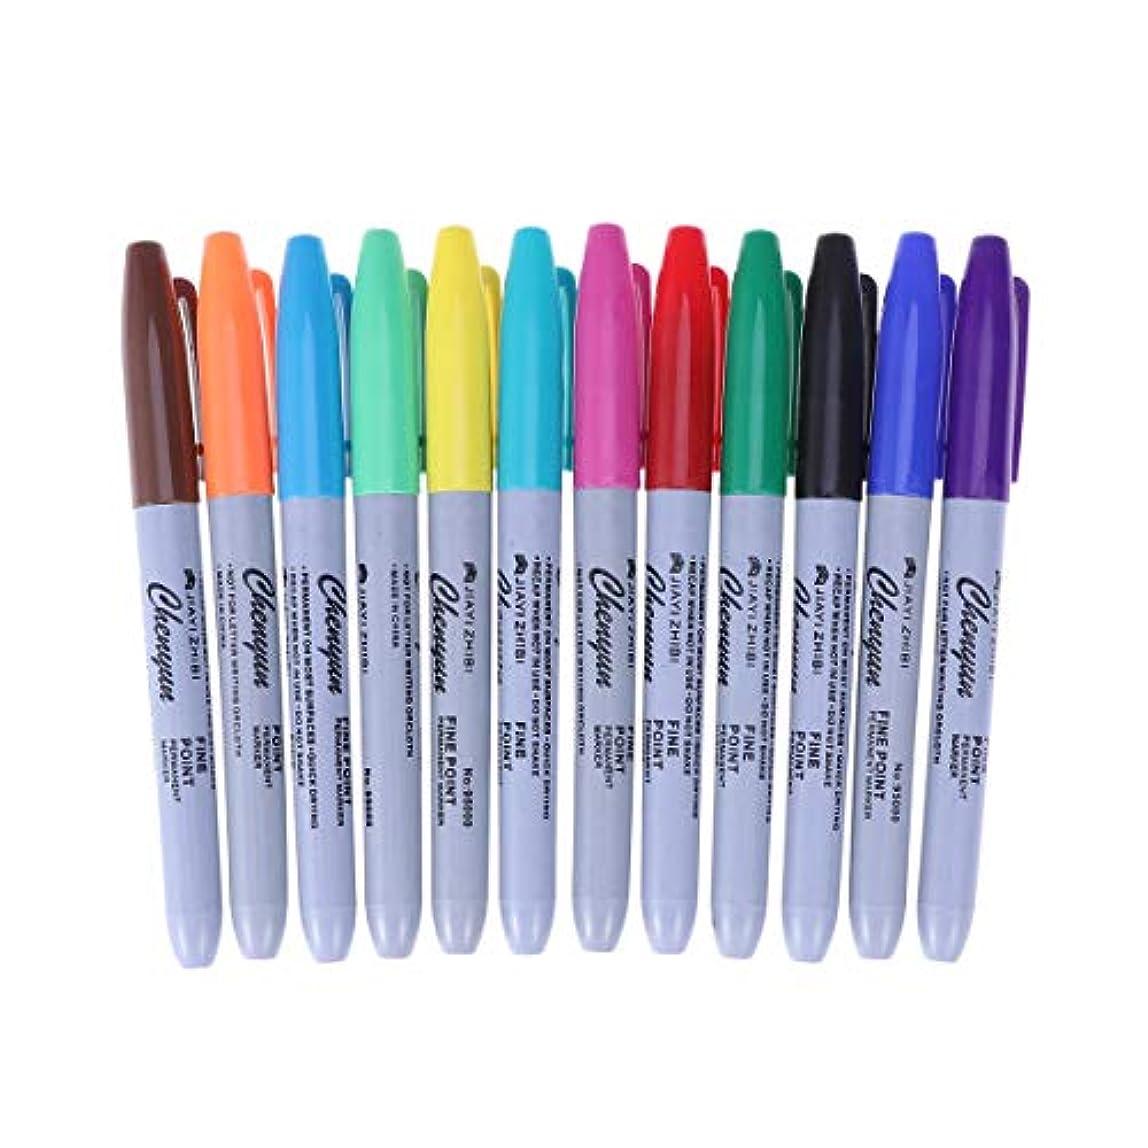 束悩みHealifty タトゥーペン防水高品質マーカーペン12色スキンマーカーペンスクライブツールタトゥー用品24ピース